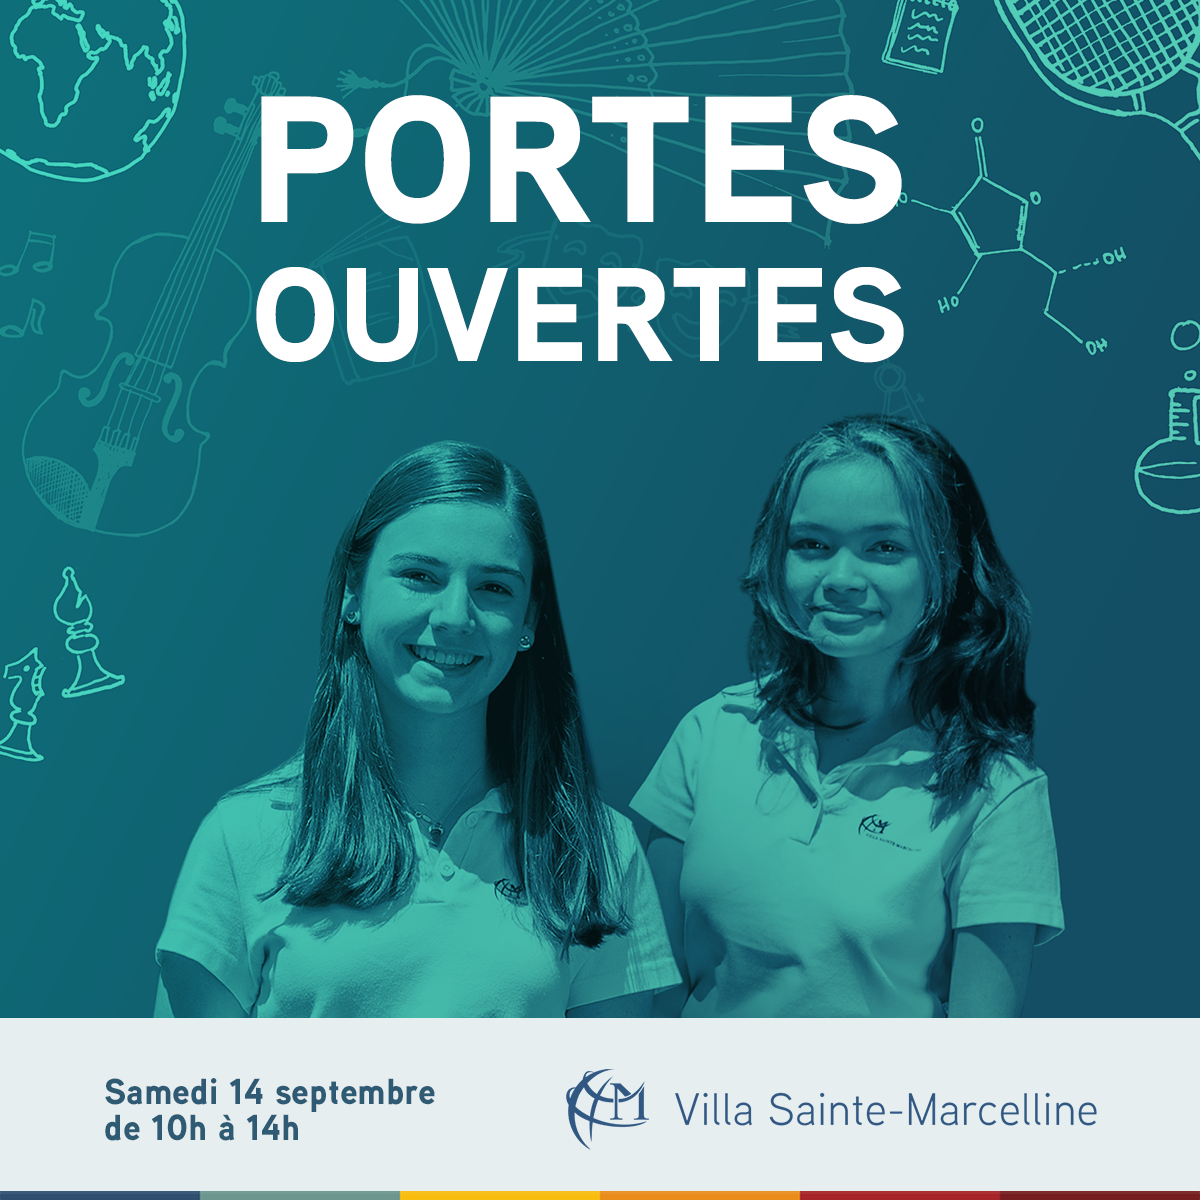 PORTES OUVERTES samedi 14 septembre 2019